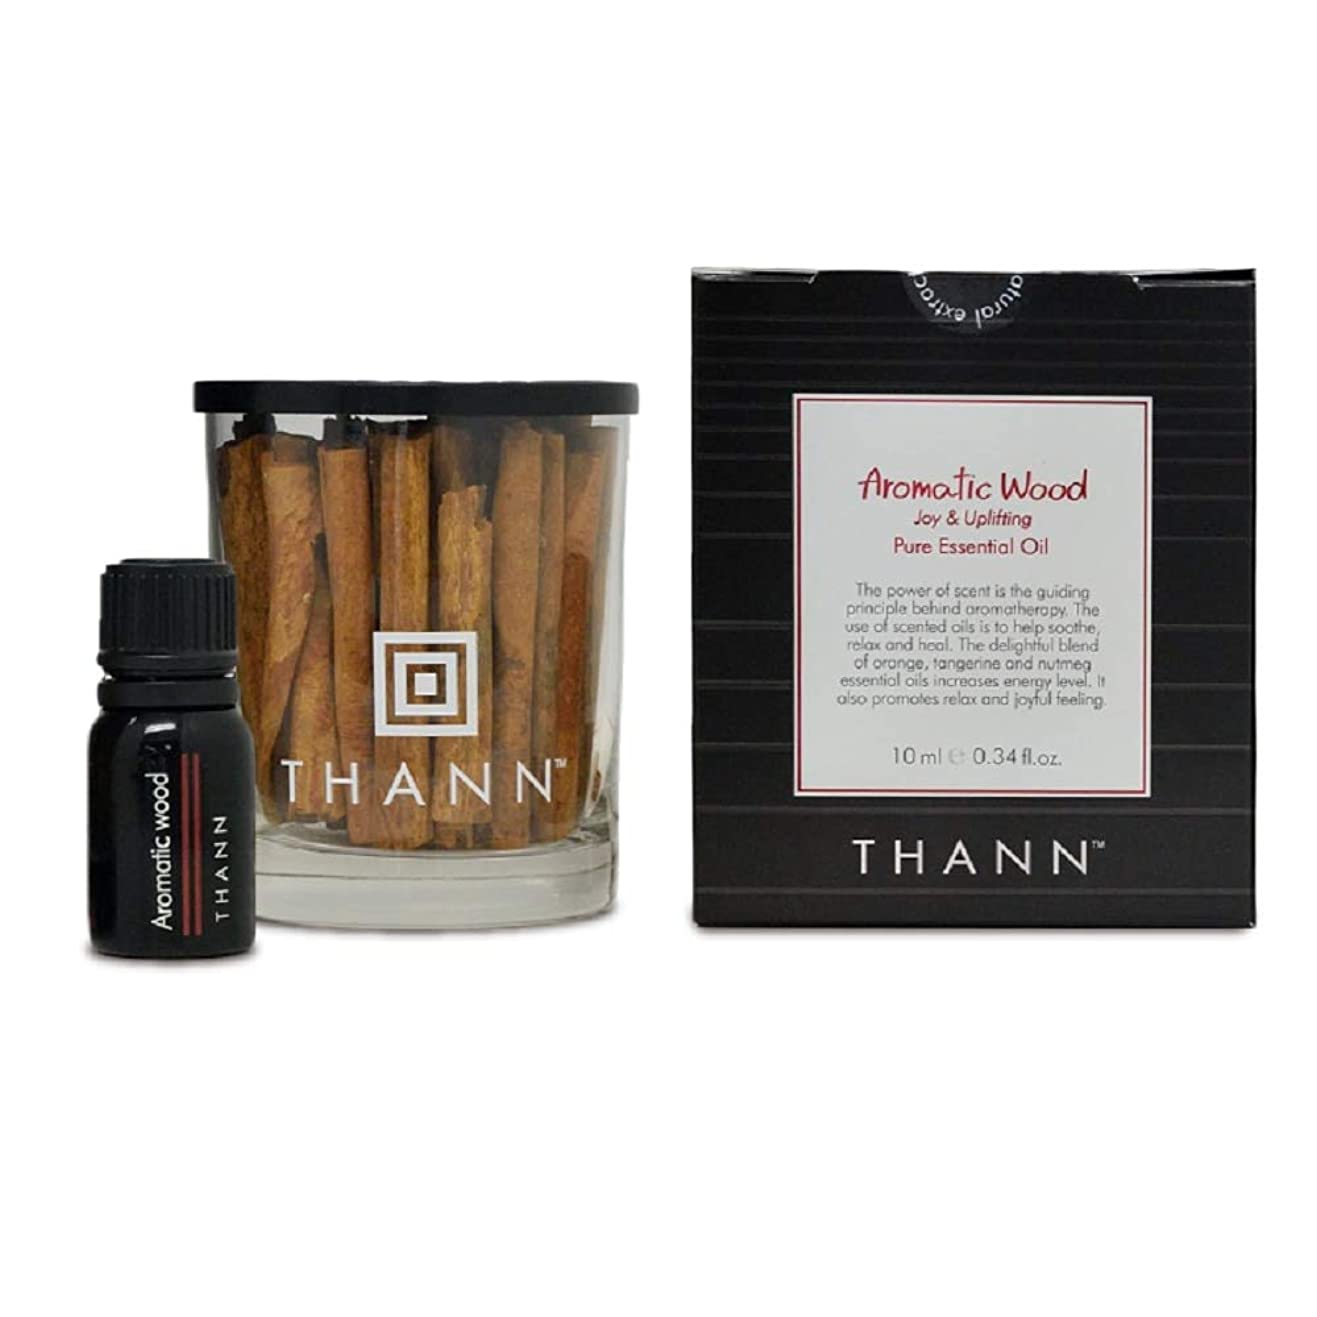 技術的な化粧こねるタン エッセンシャルオイルAW(Aromatic Wood) 10ml